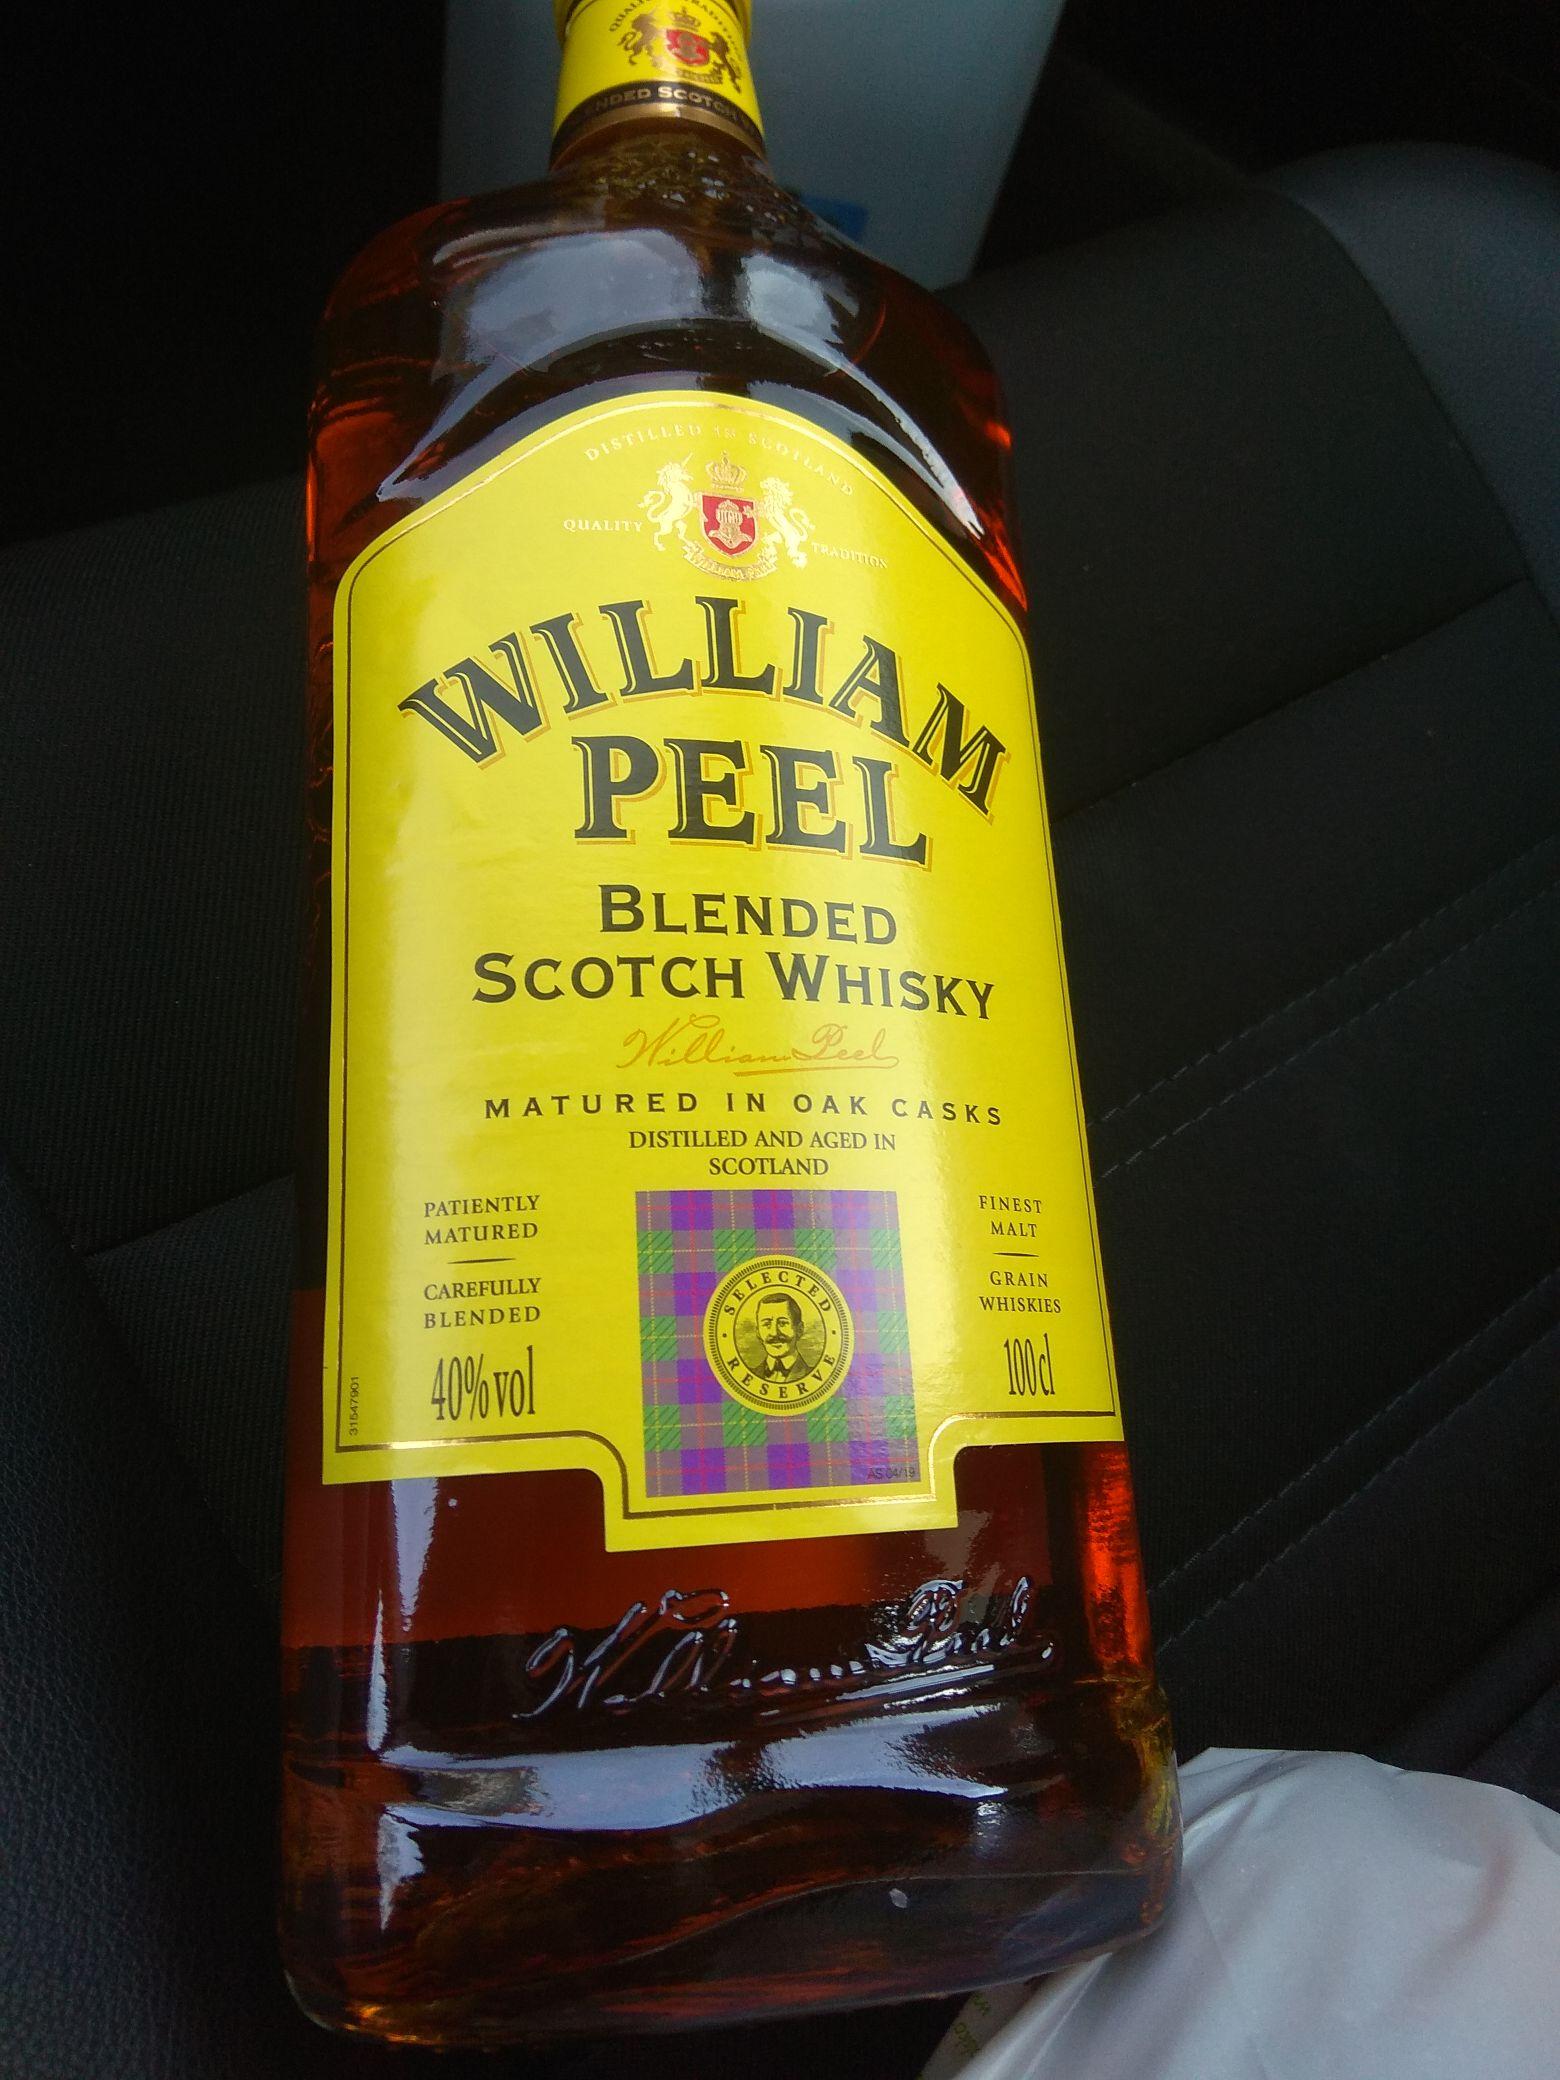 Whisky William Peel 1l w dobrej cenie. Biedronka Tychy